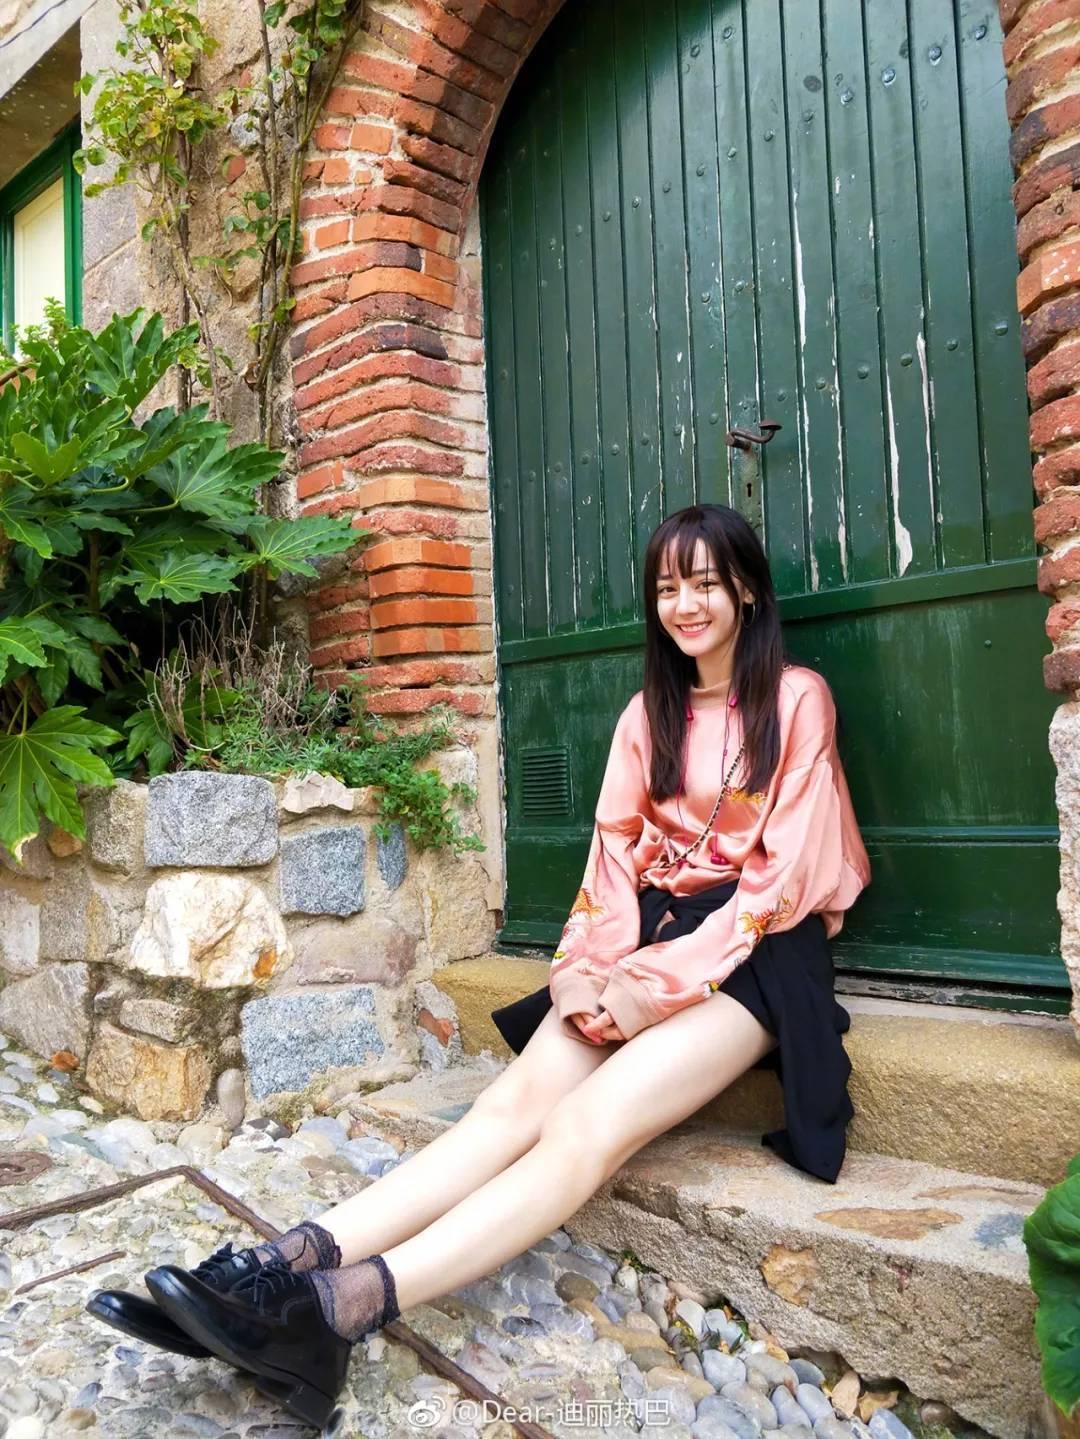 迪丽热巴变身橘子女孩,阳光下依然白皙闪耀图片